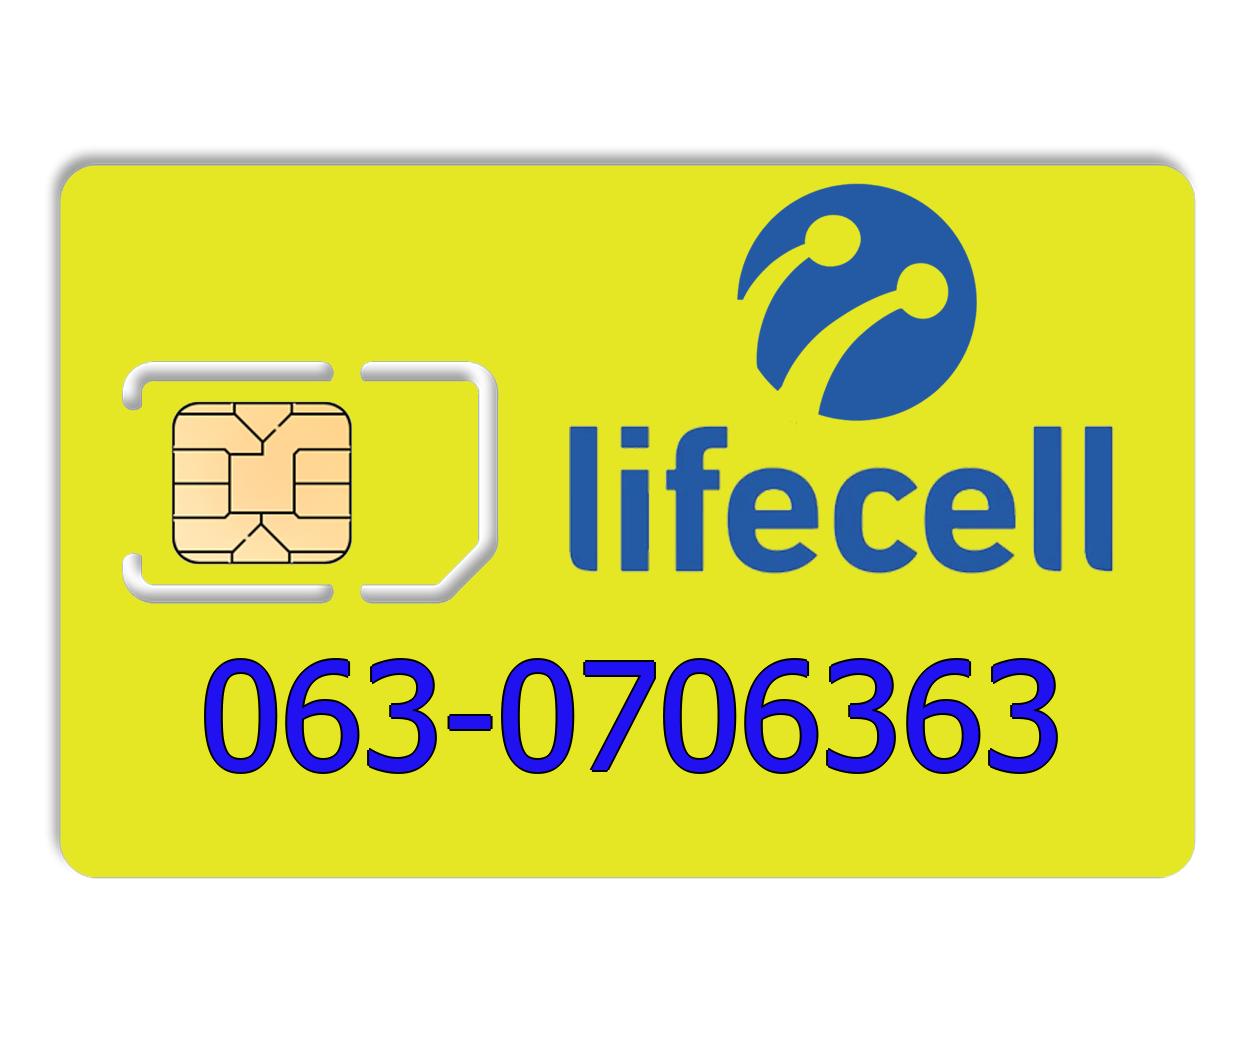 Красивый номер lifecell 063-0706363